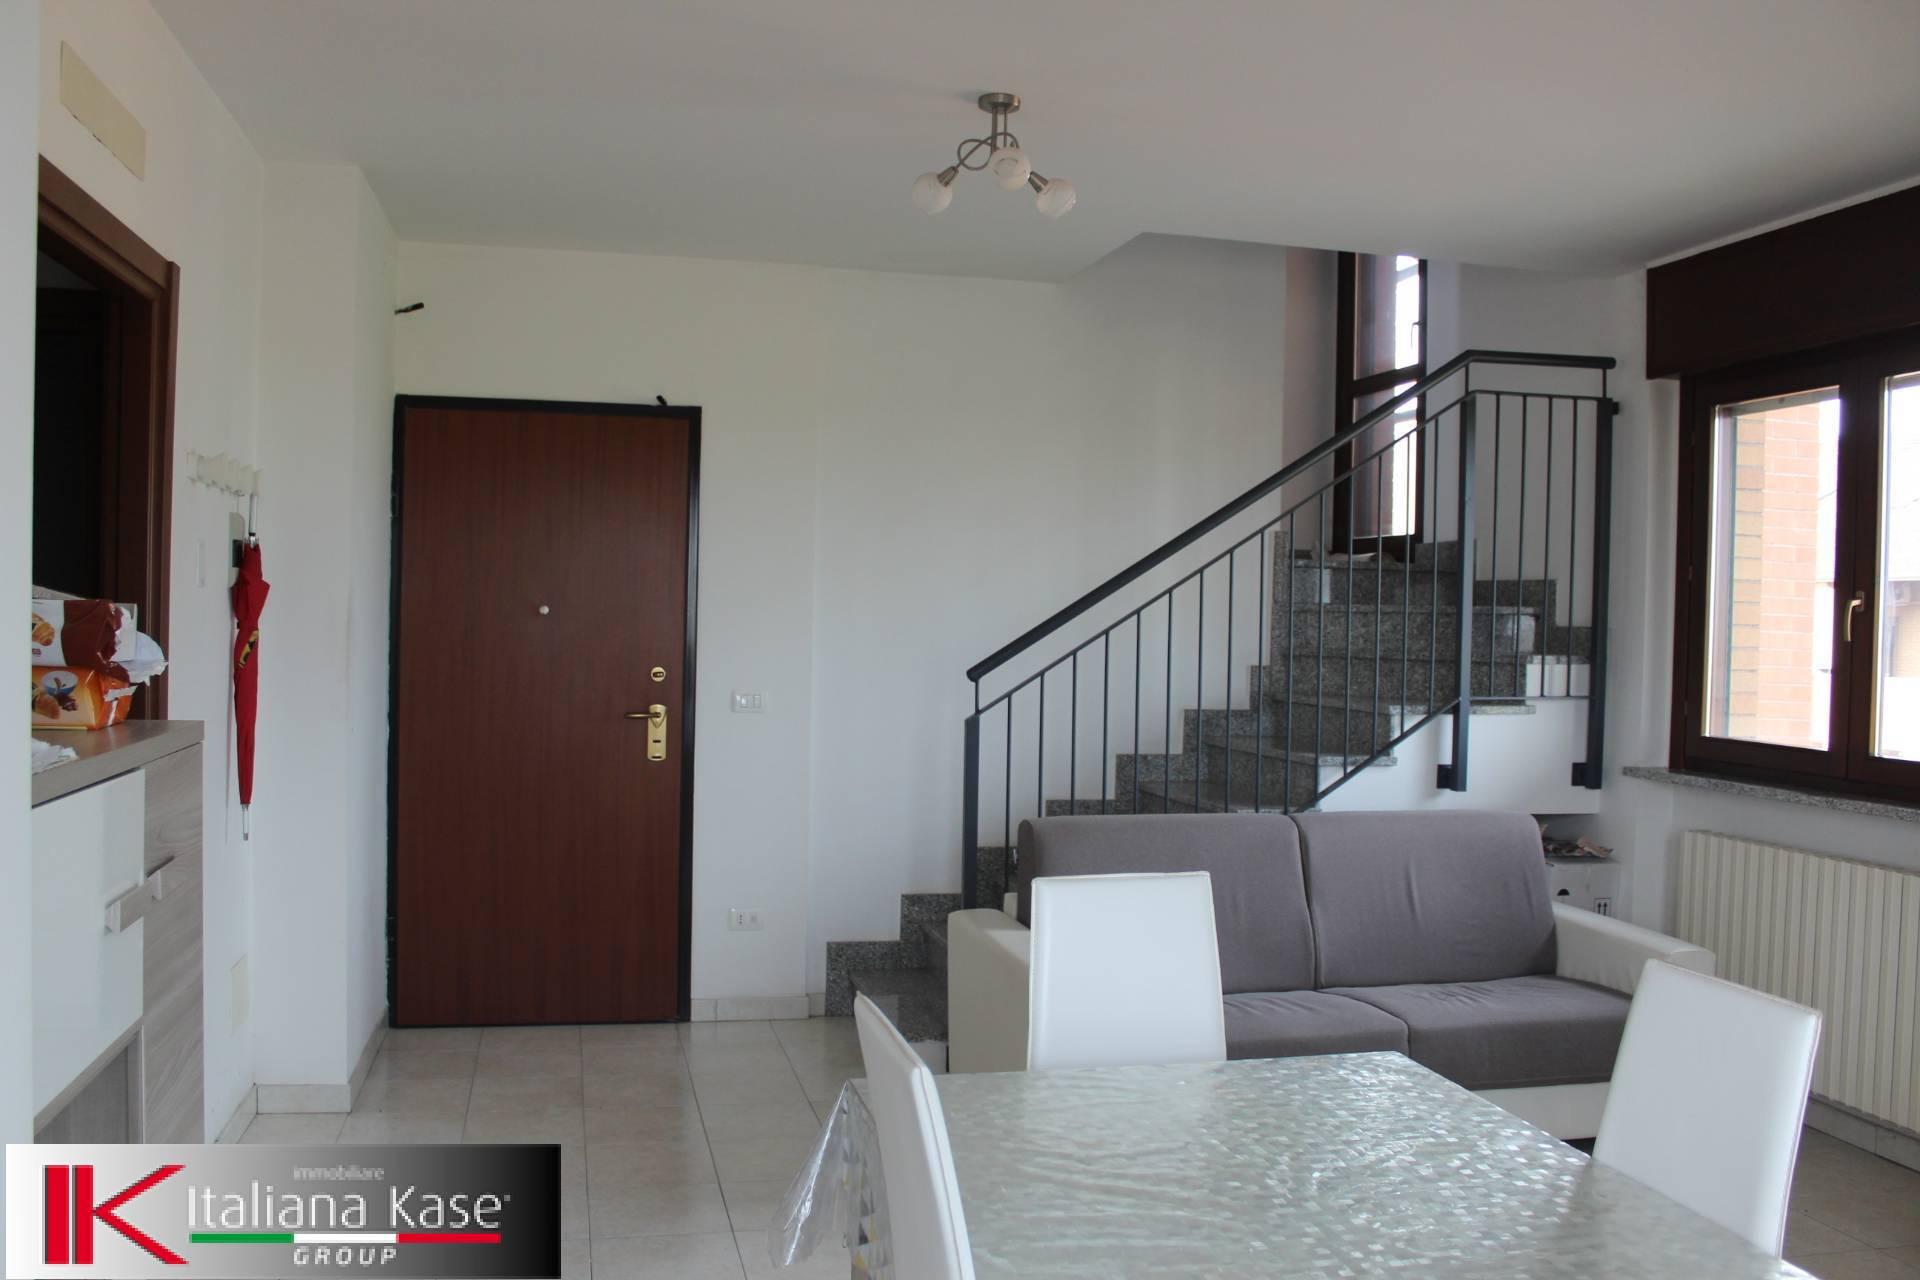 Appartamento in affitto a Chivasso, 5 locali, zona Località: Chivasso, prezzo € 900 | PortaleAgenzieImmobiliari.it